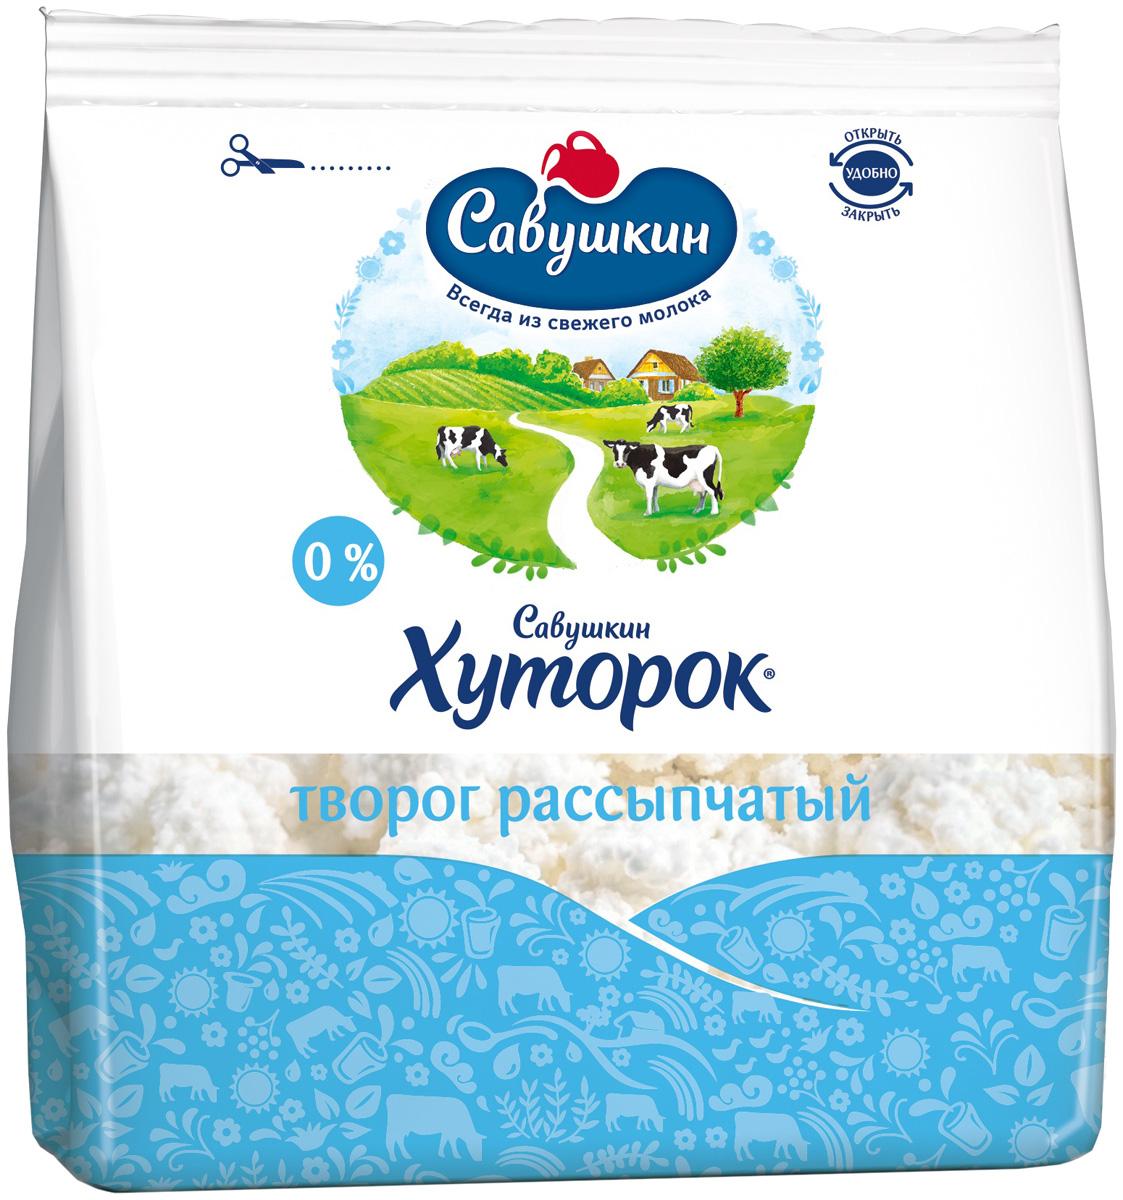 Савушкин Творог Рассыпчатый обезжиренный 350 г ностальгия творог из топленого молока 9